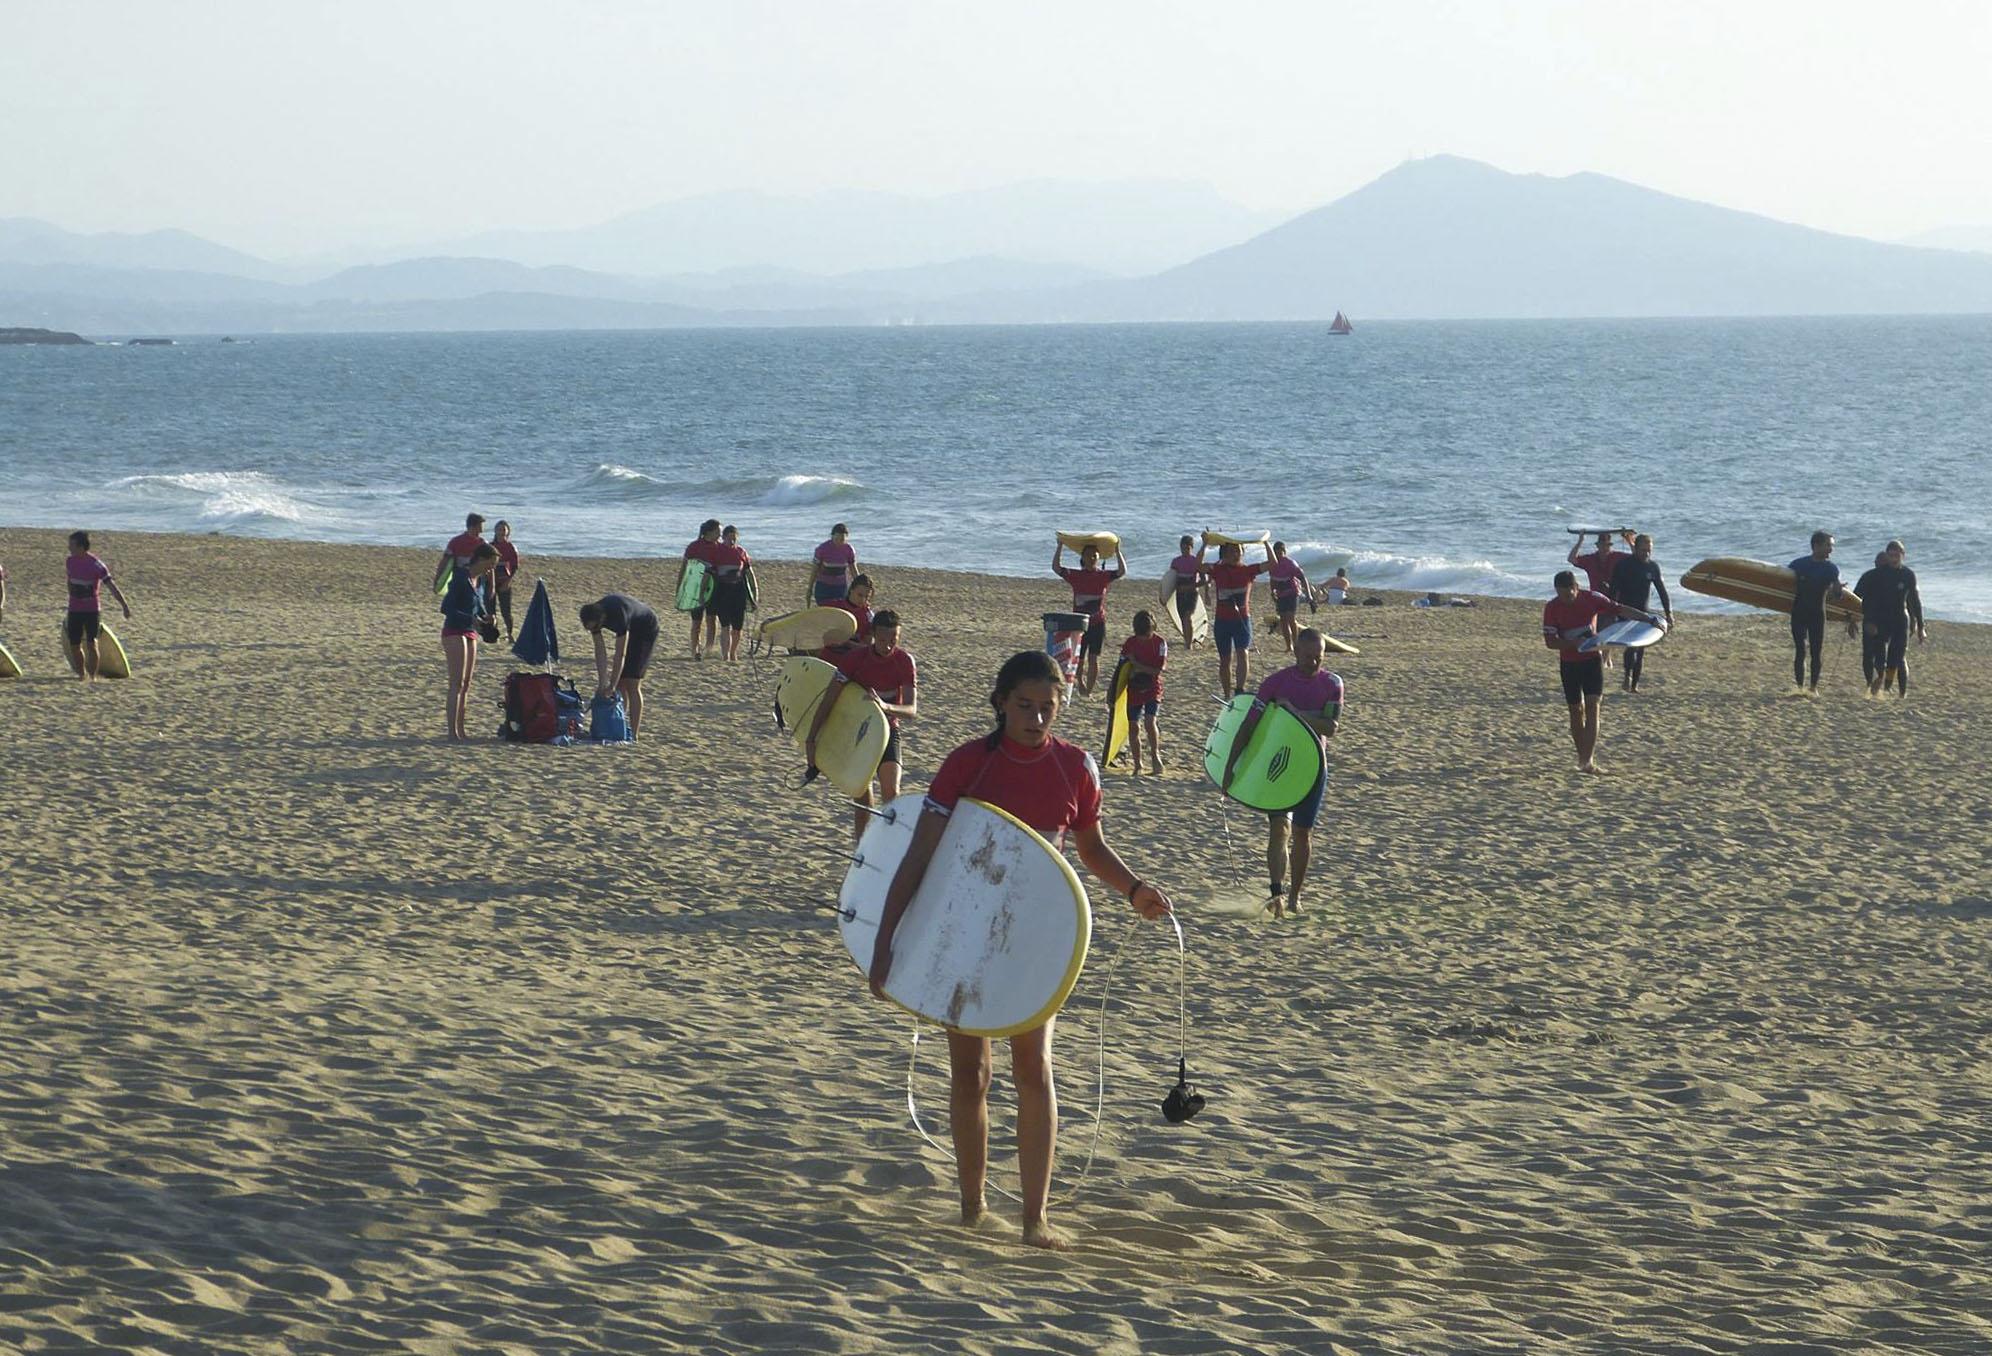 École de Surf - Anglet, Pays Basque